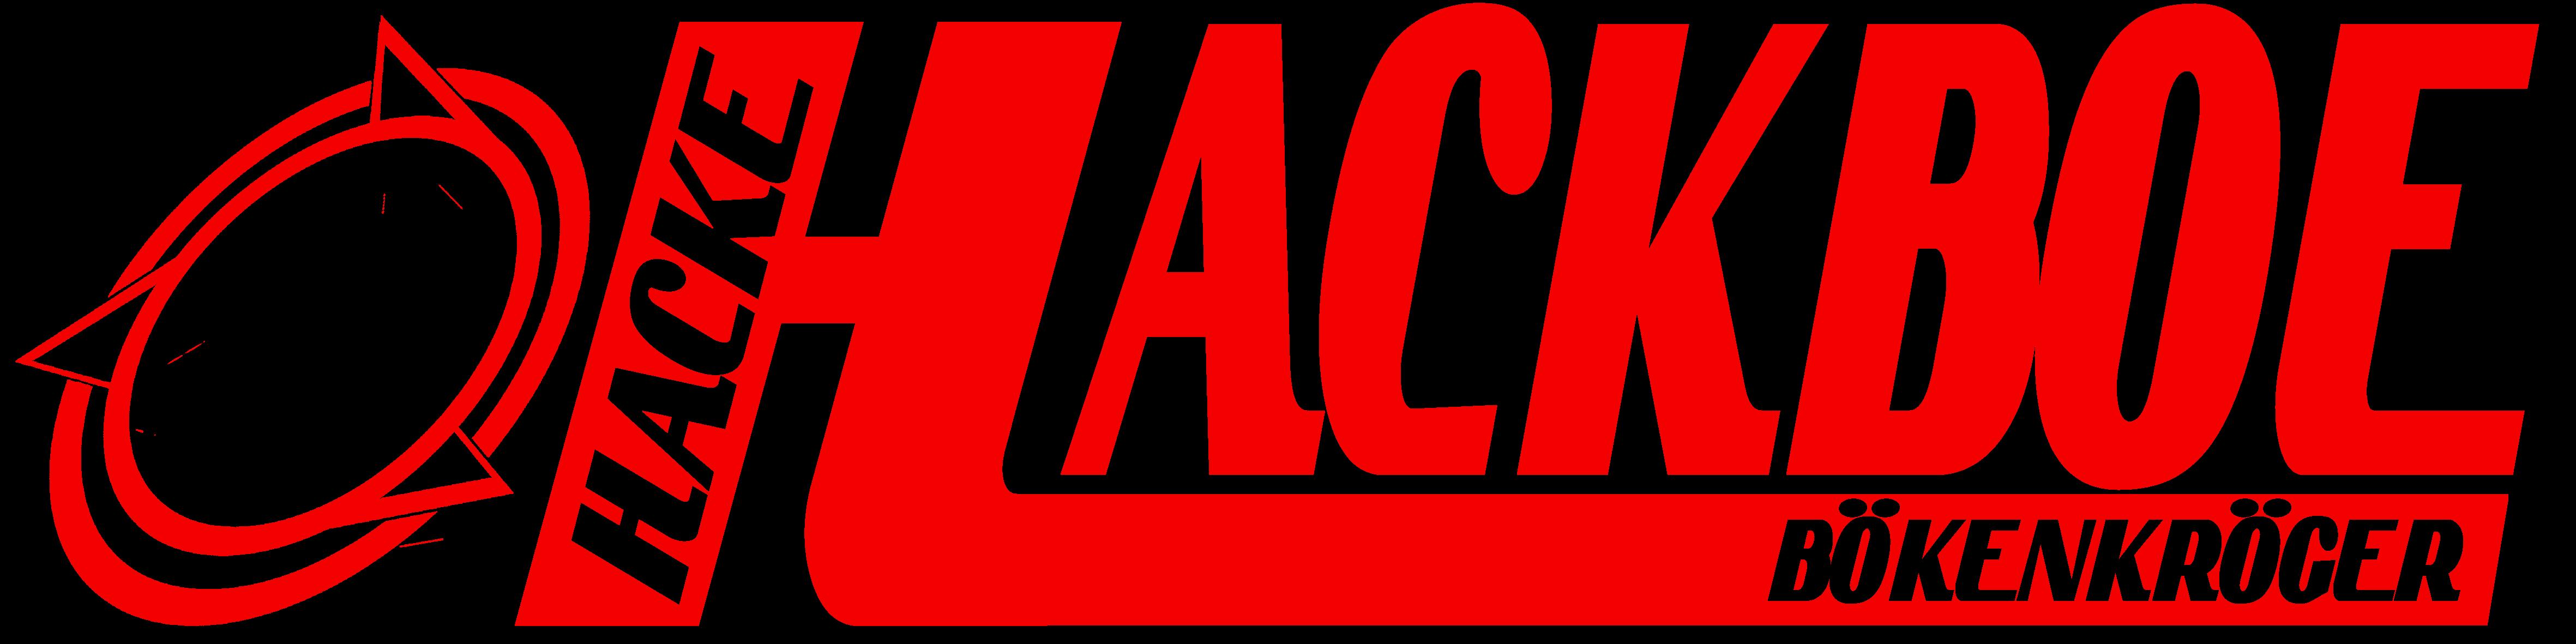 HACKBOE